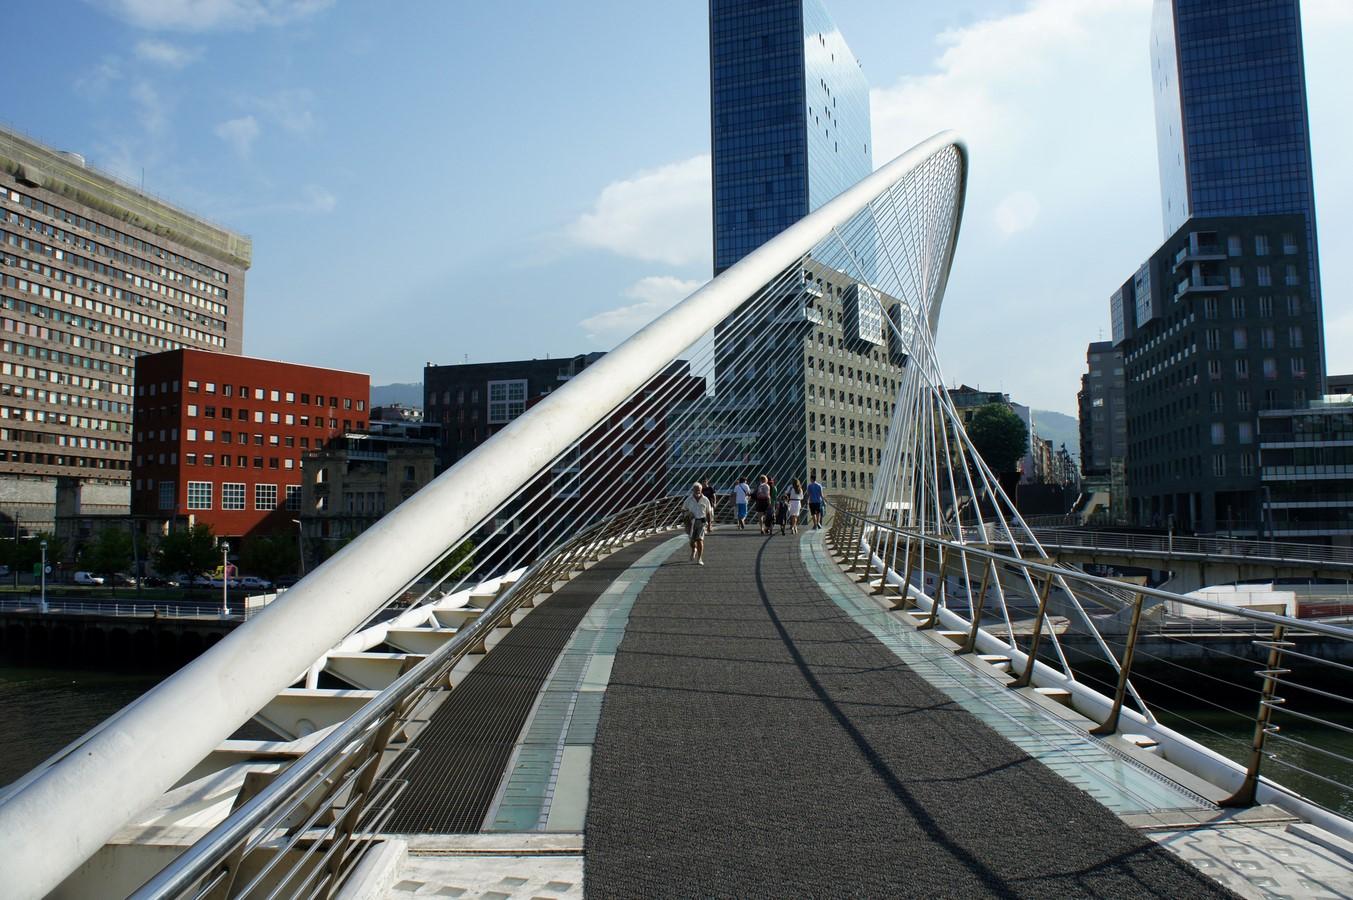 Zubizuri Bridge - Sheet1